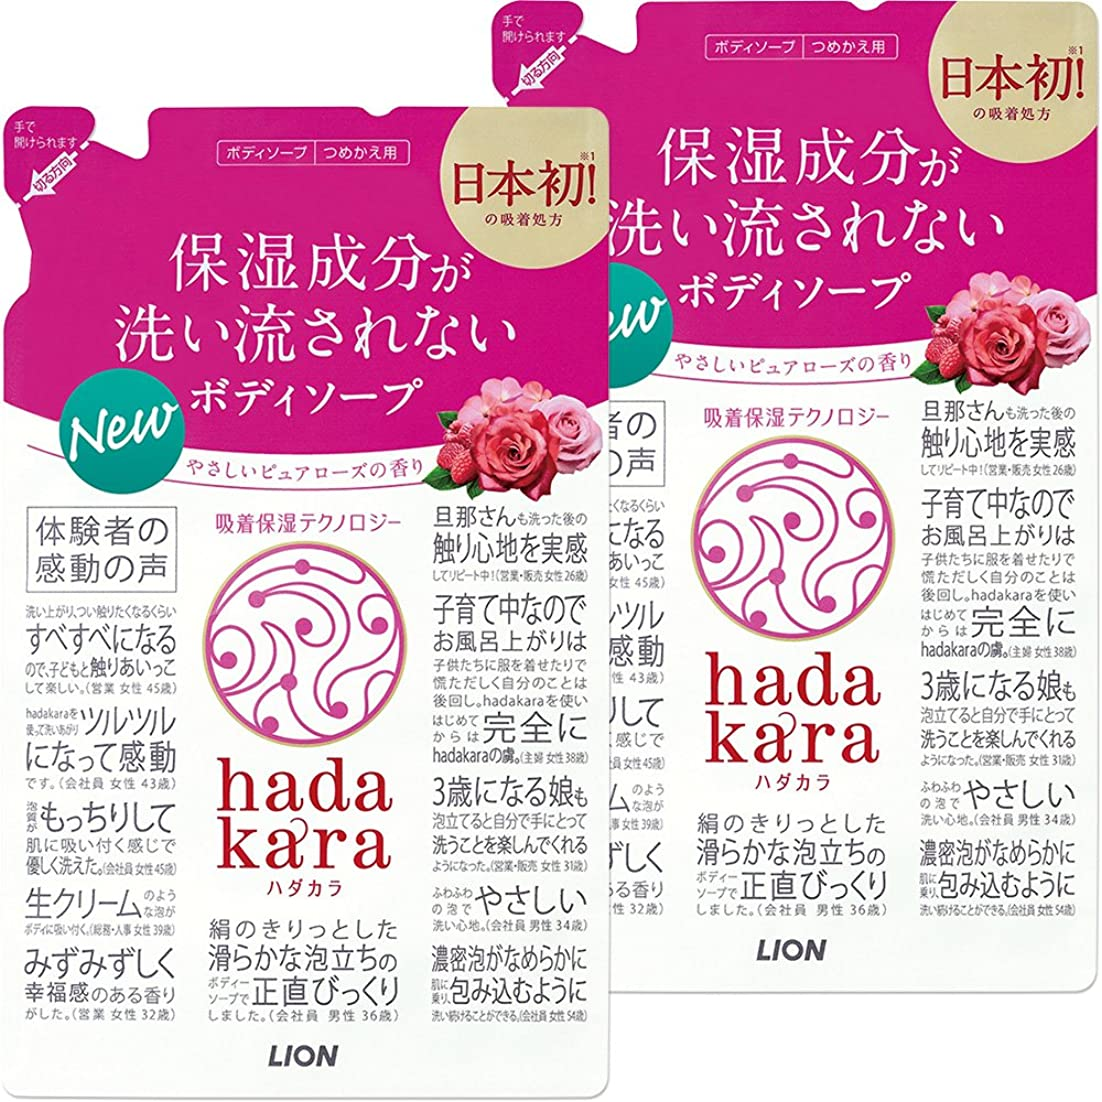 ニックネーム法律により大【まとめ買い】hadakara(ハダカラ) ボディソープ ピュアローズの香り 詰め替え 360ml×2個パック